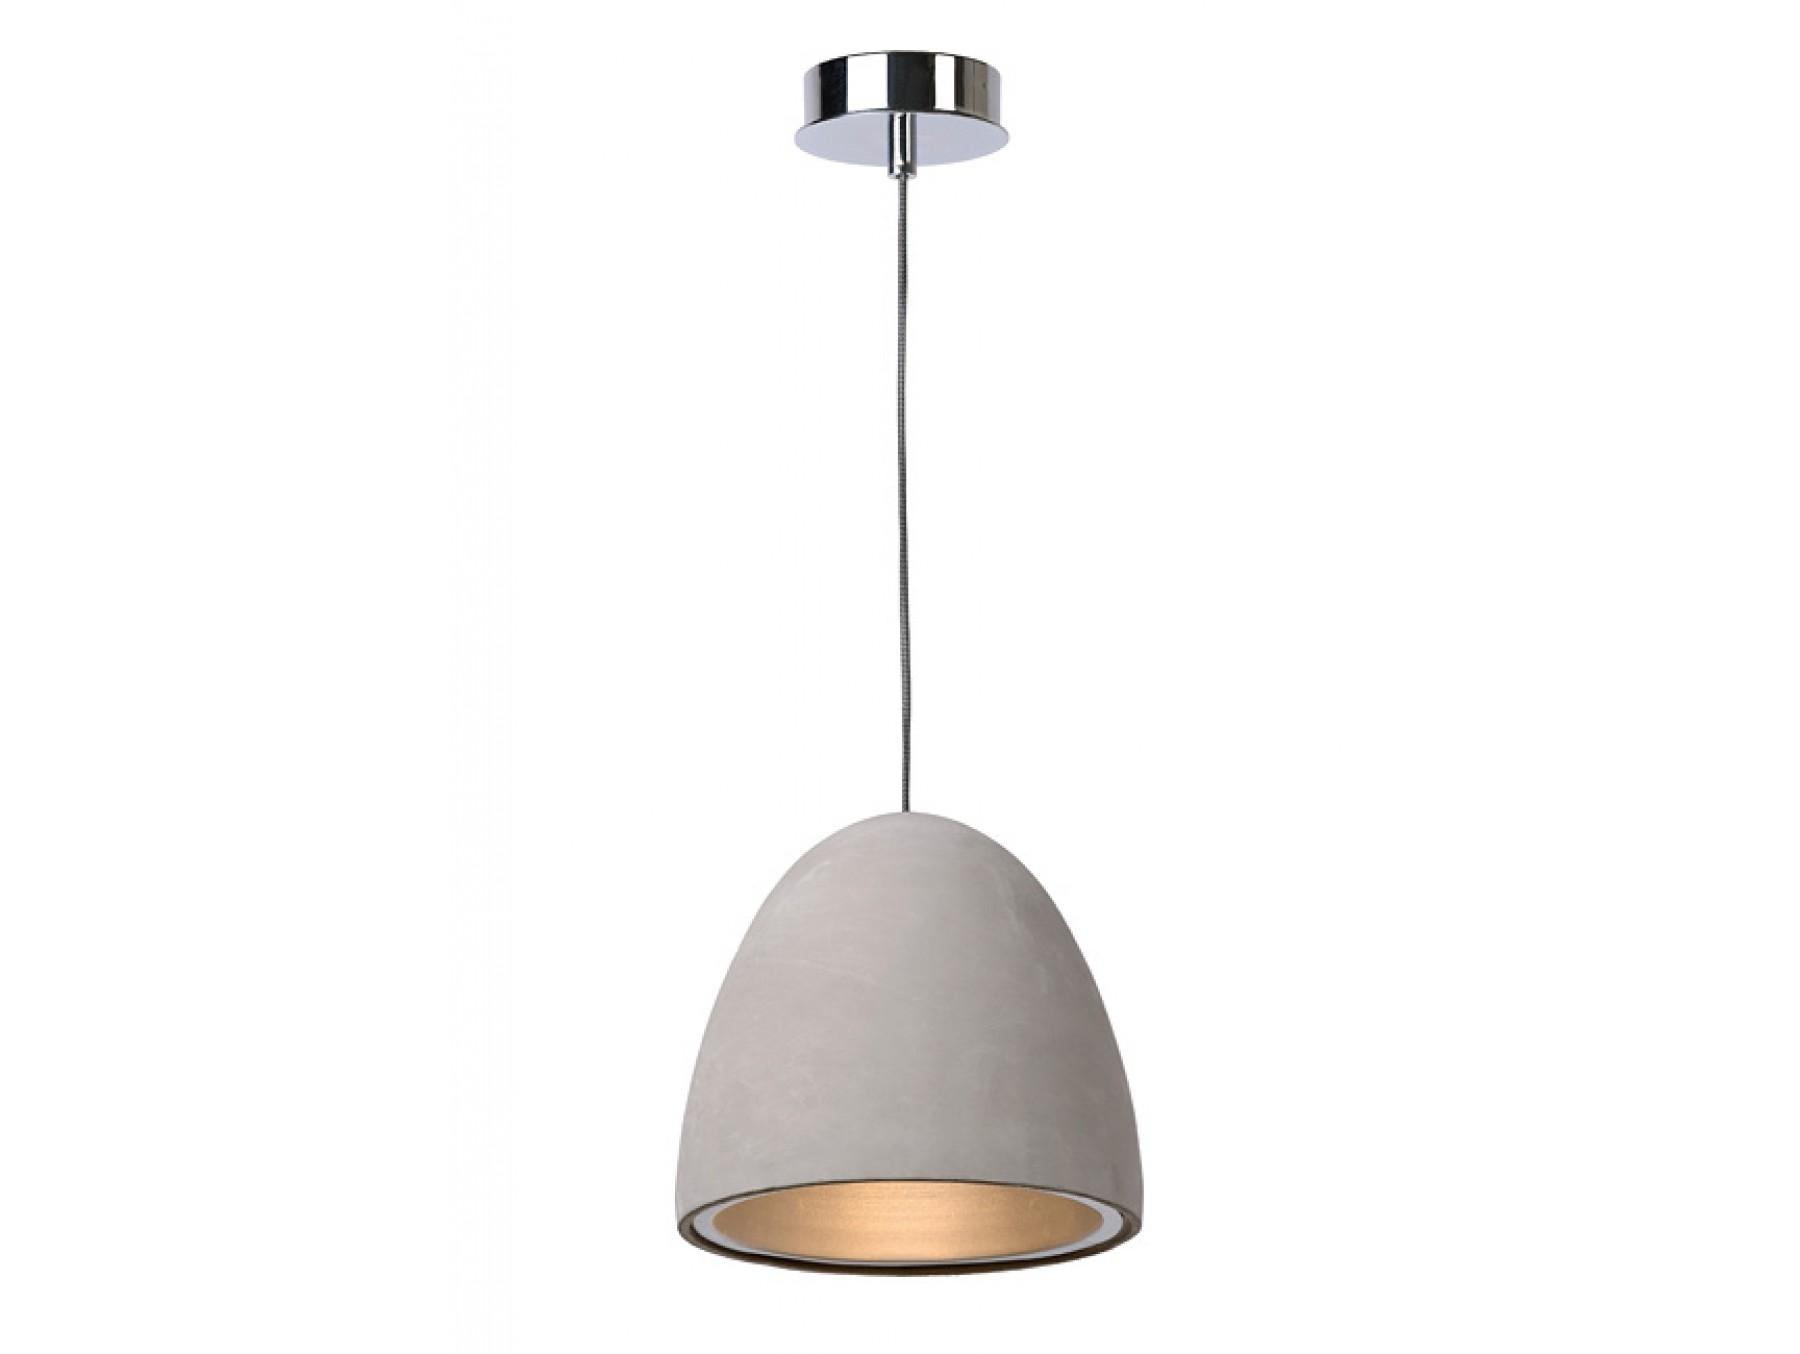 Подвесной светильник SOLOПодвесные светильники<br>основание: металл<br>плафон: бетон<br>диаметр: 21 см<br>высота: 120 см<br>Е27, ESL 15W, 1 лампочка (в комплект не входит)<br><br>Material: Металл<br>Height см: 120<br>Diameter см: 21